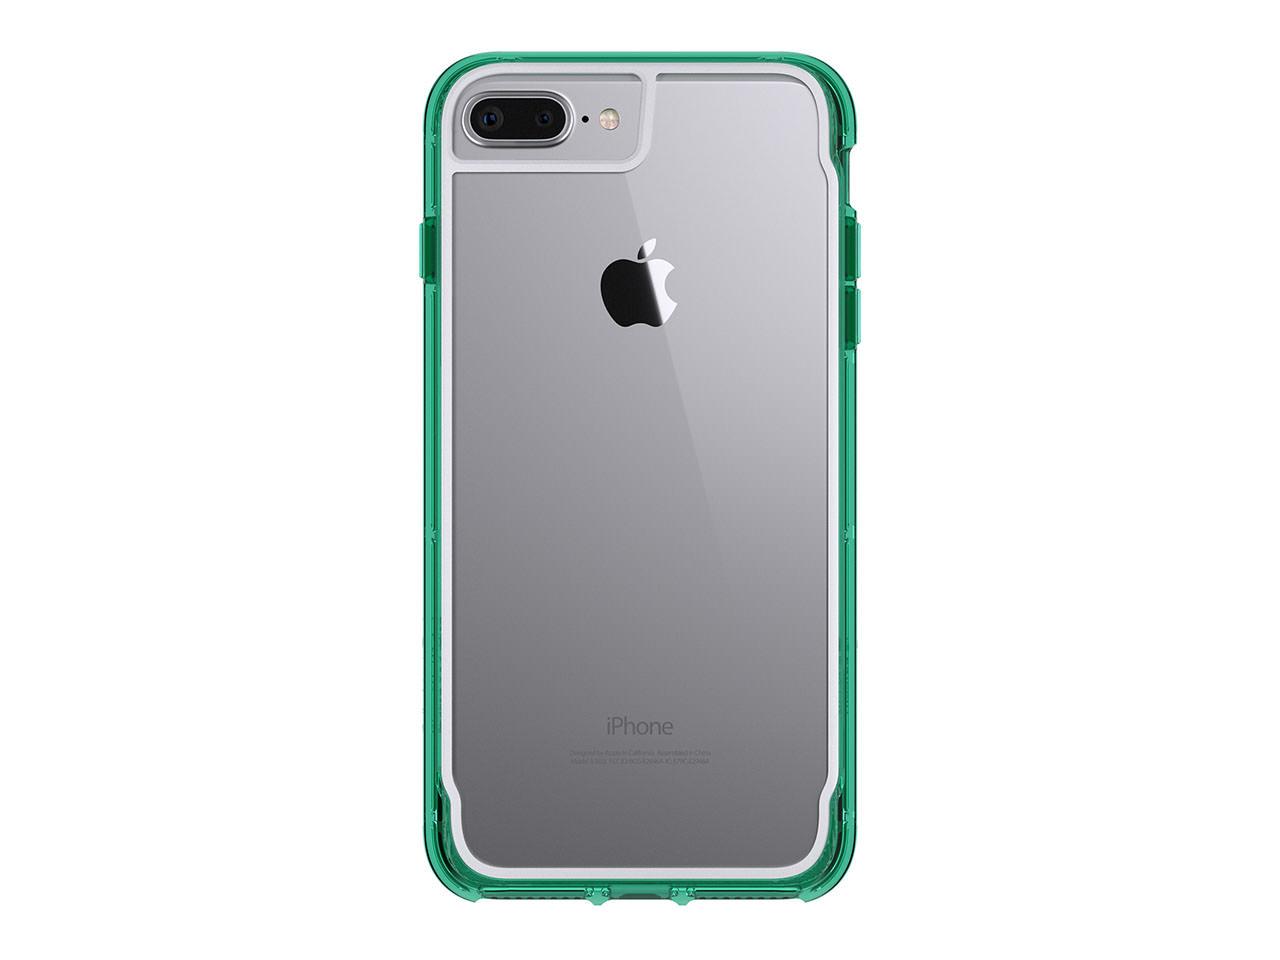 griffin iphone 7 plus case